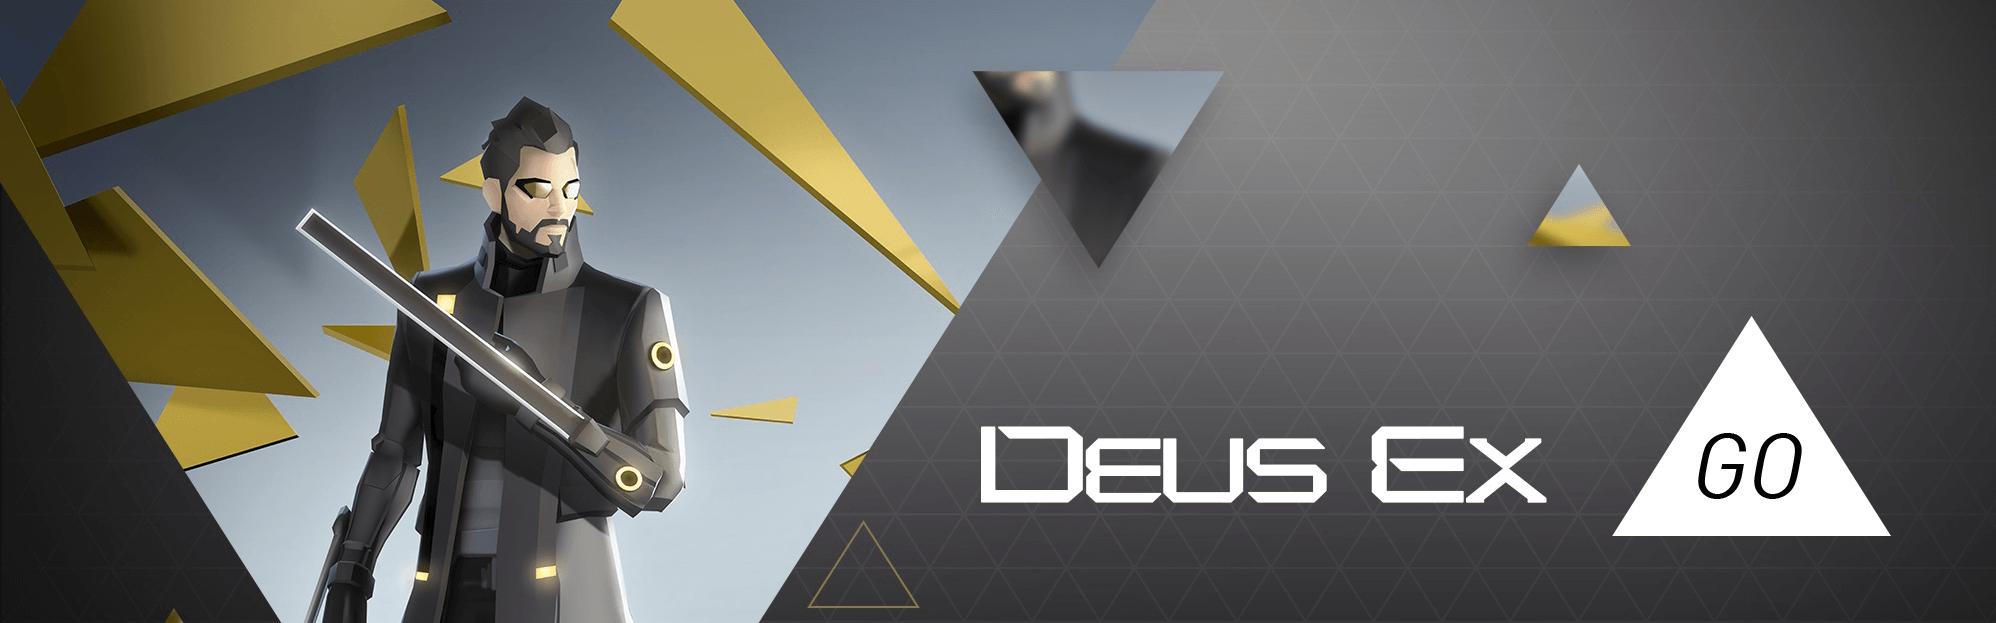 [已购]Deus Ex GO-草蜢资源